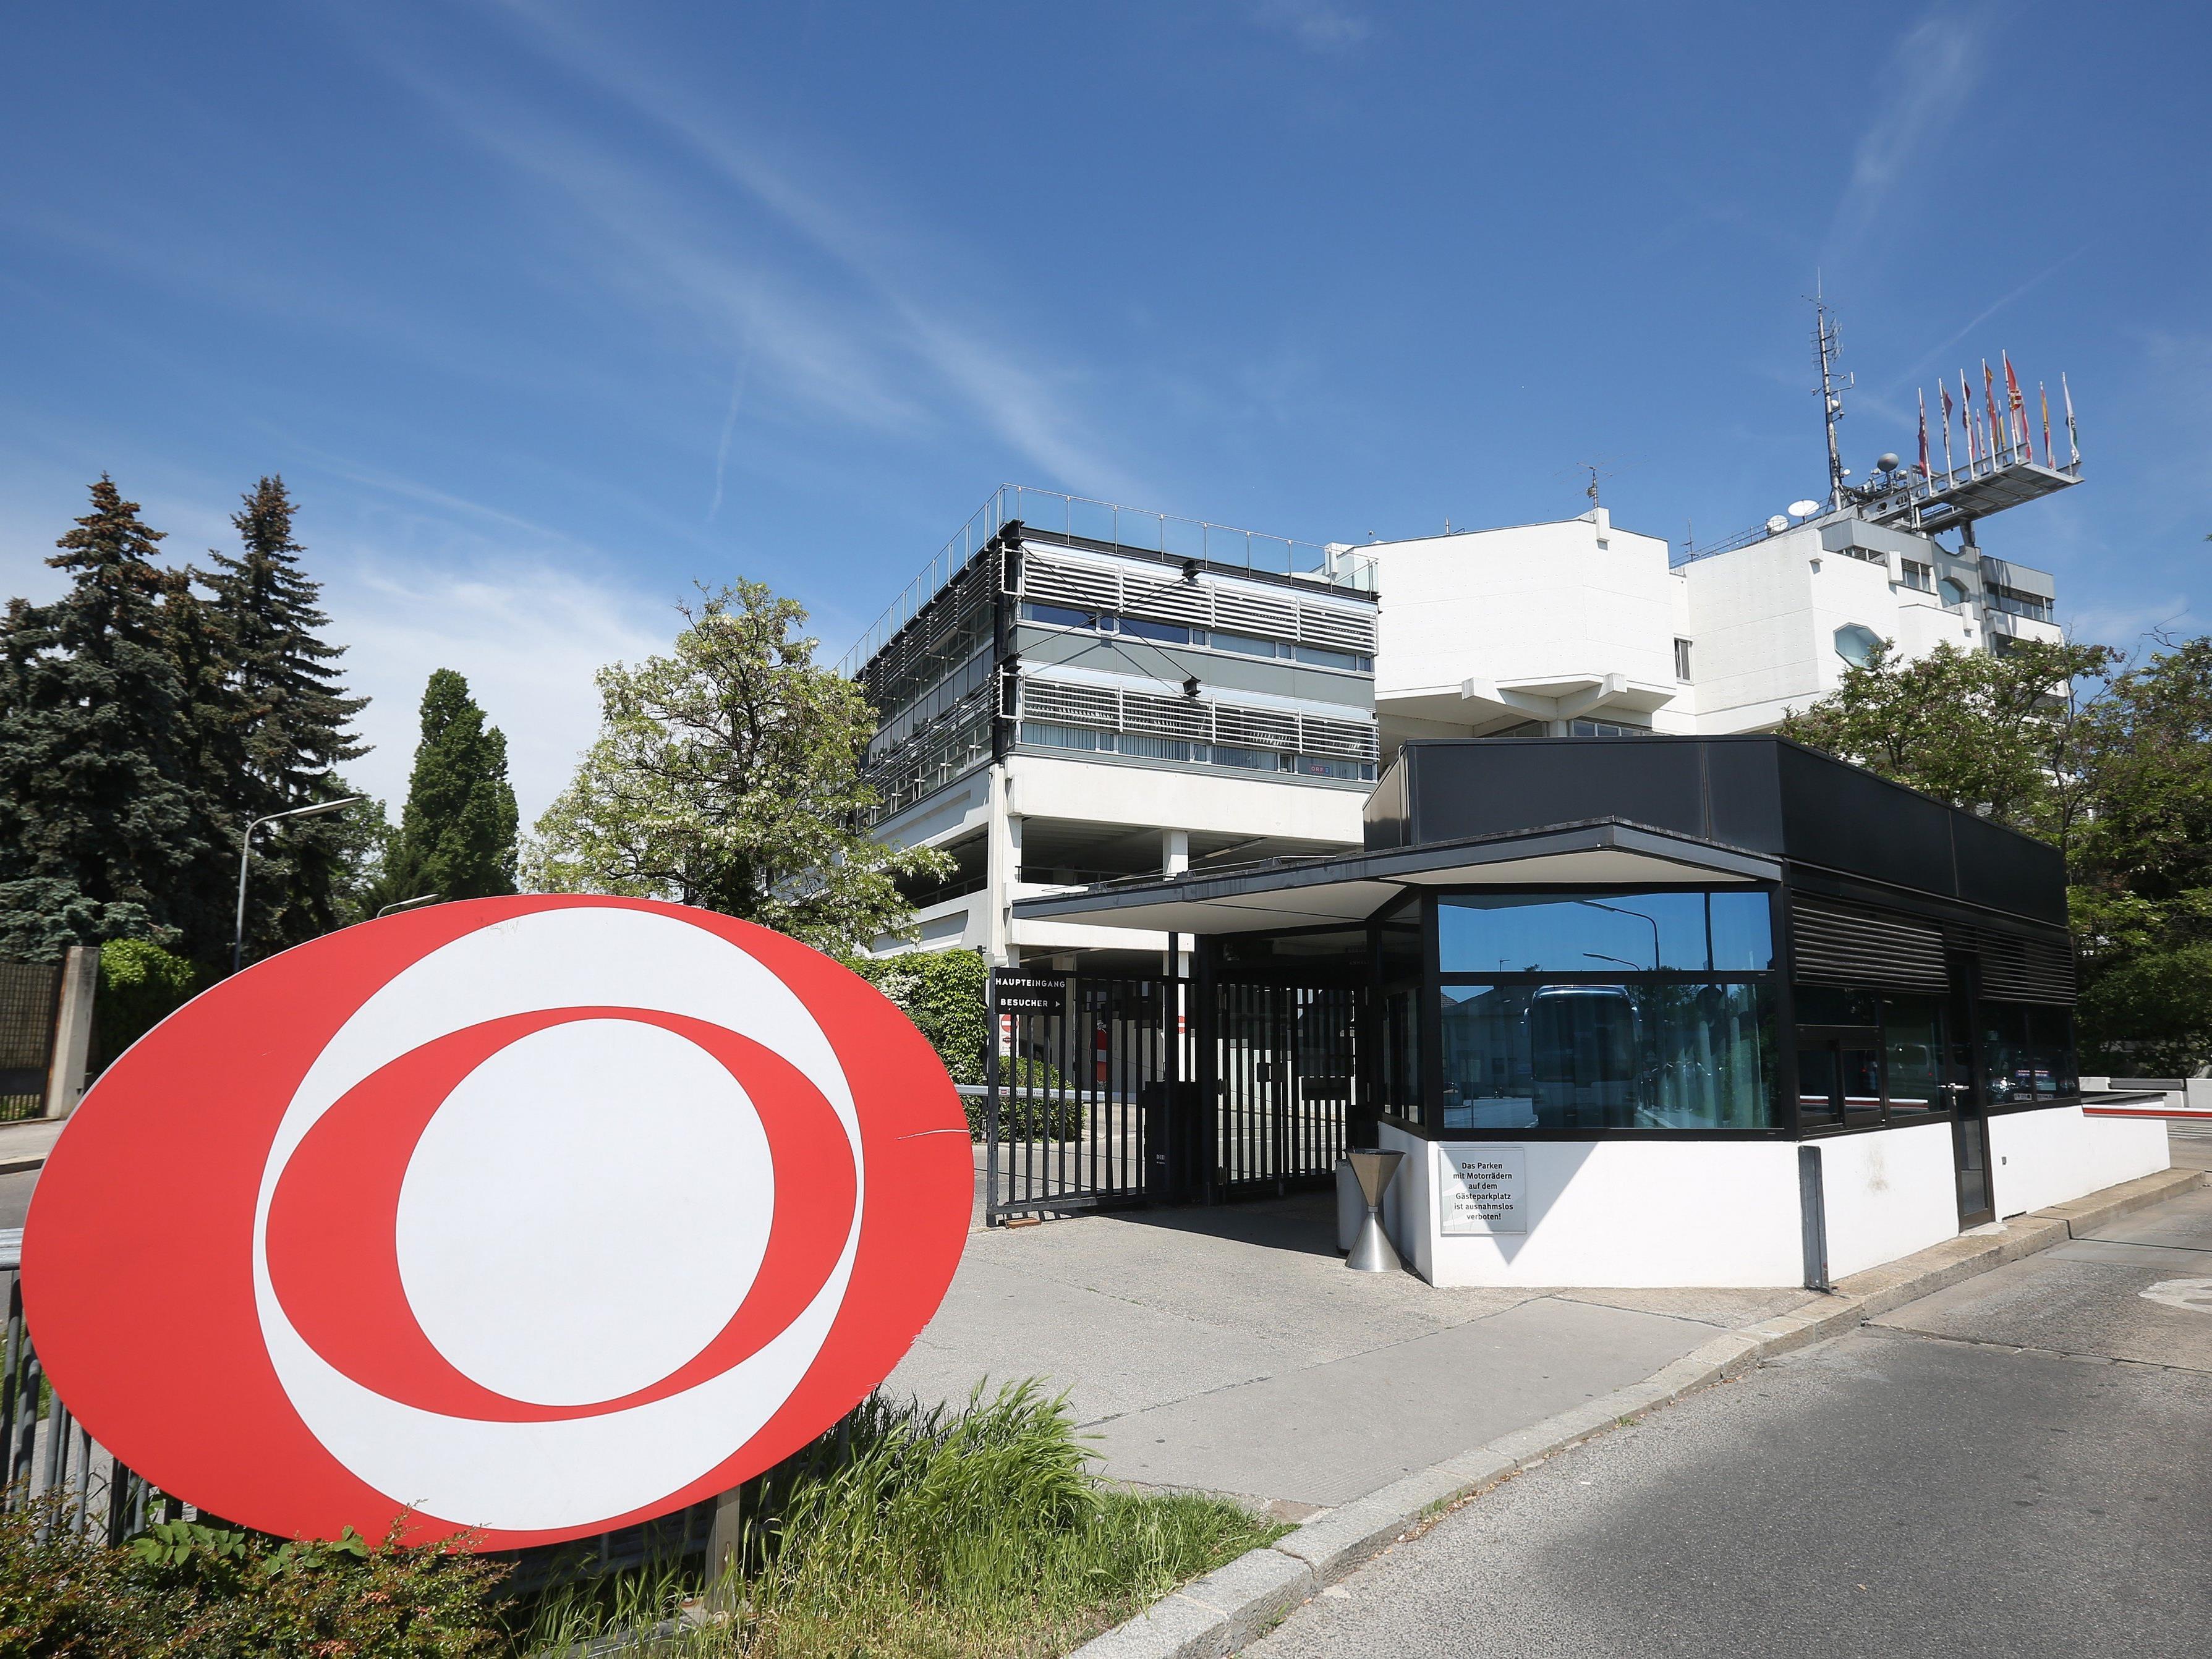 Aus Budget-Gründen verzichtet der ORF auf ein inszeniertes Casting für den ESC 2017.